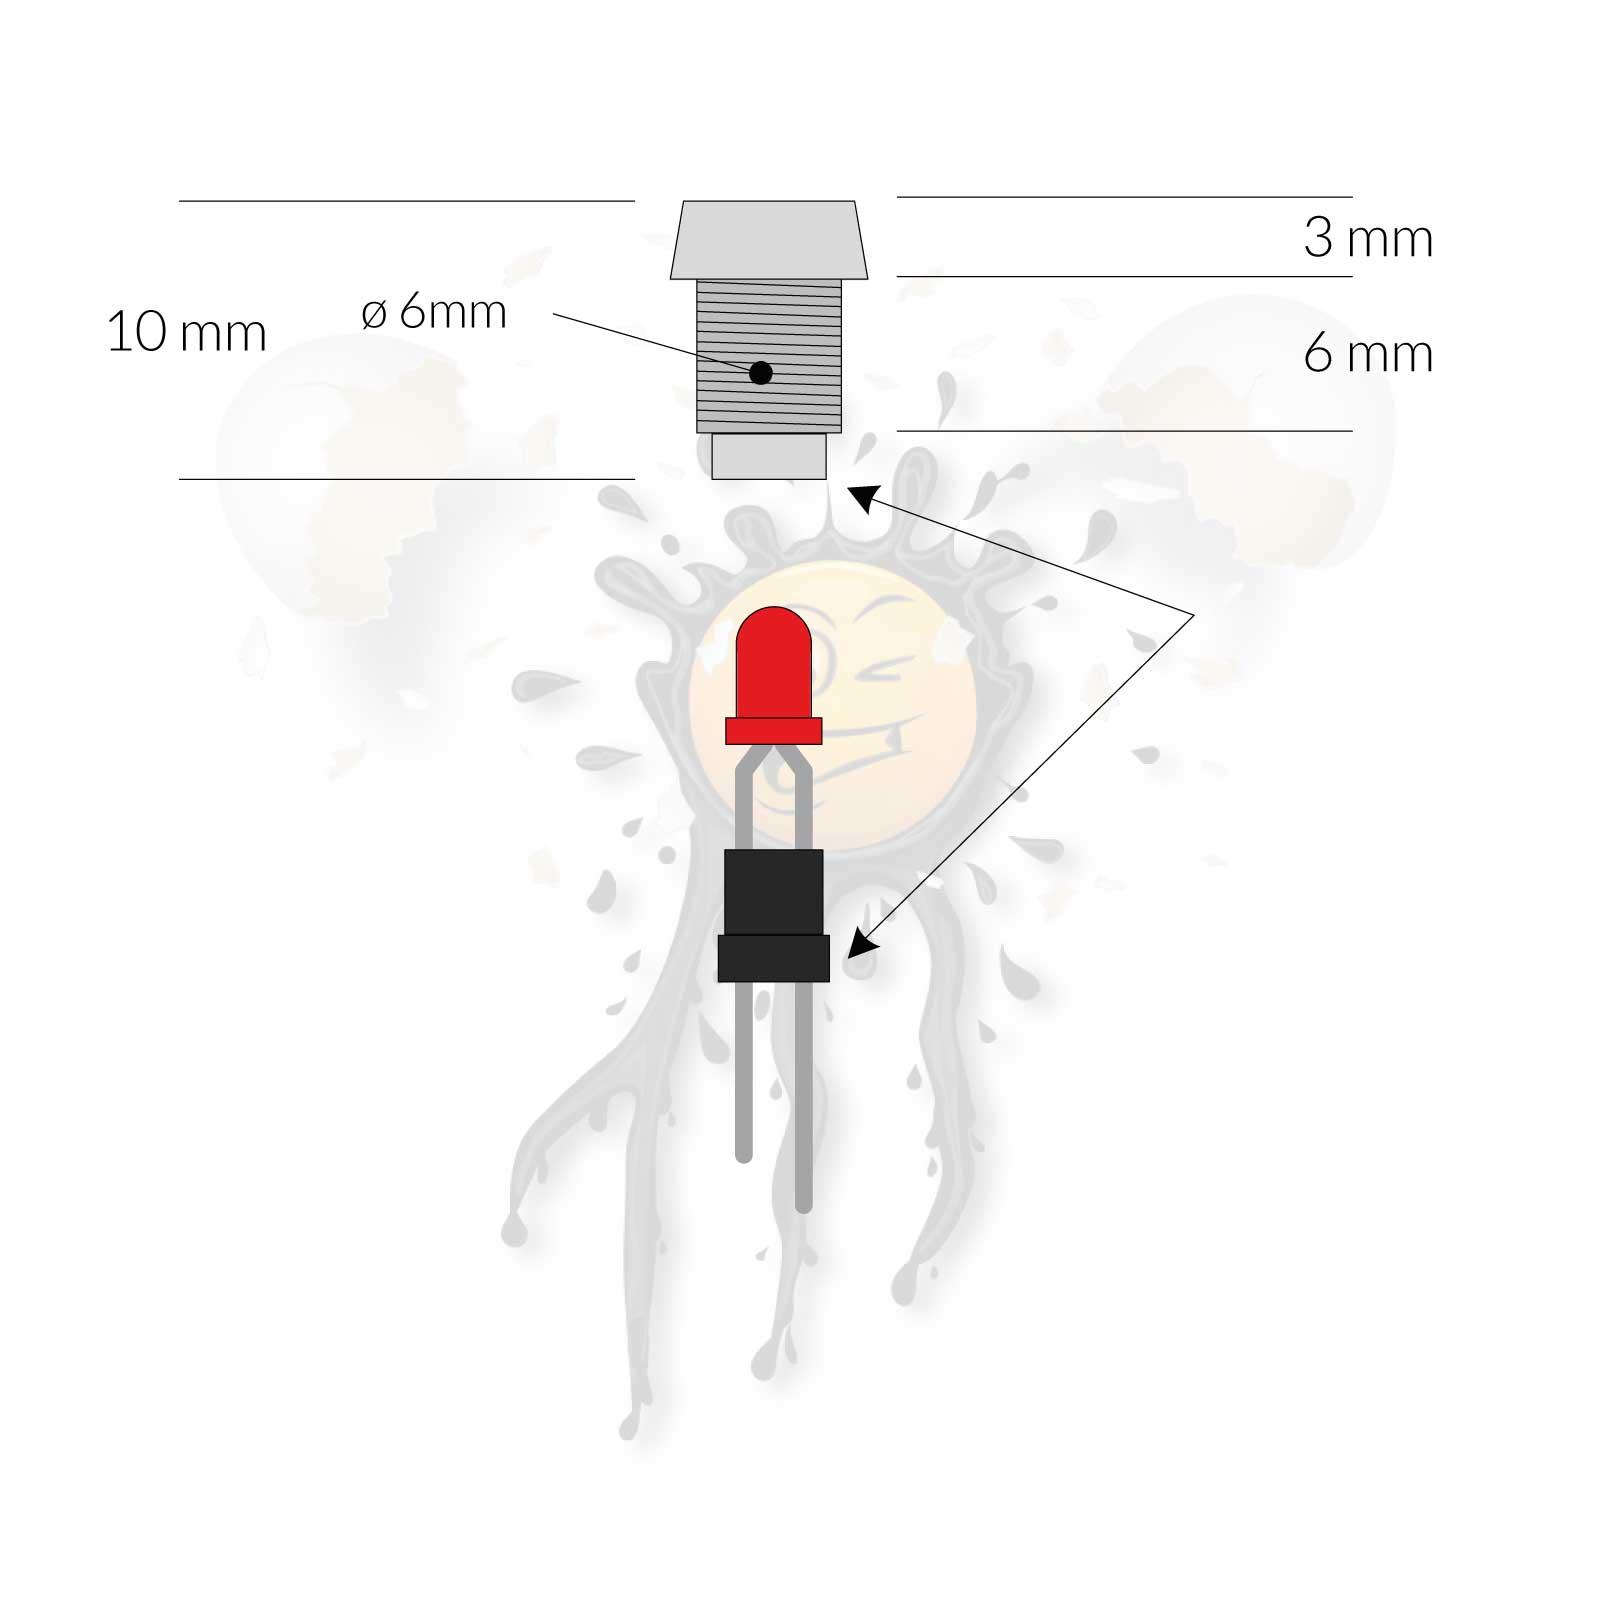 3mm Metal LED Holder Dimensions